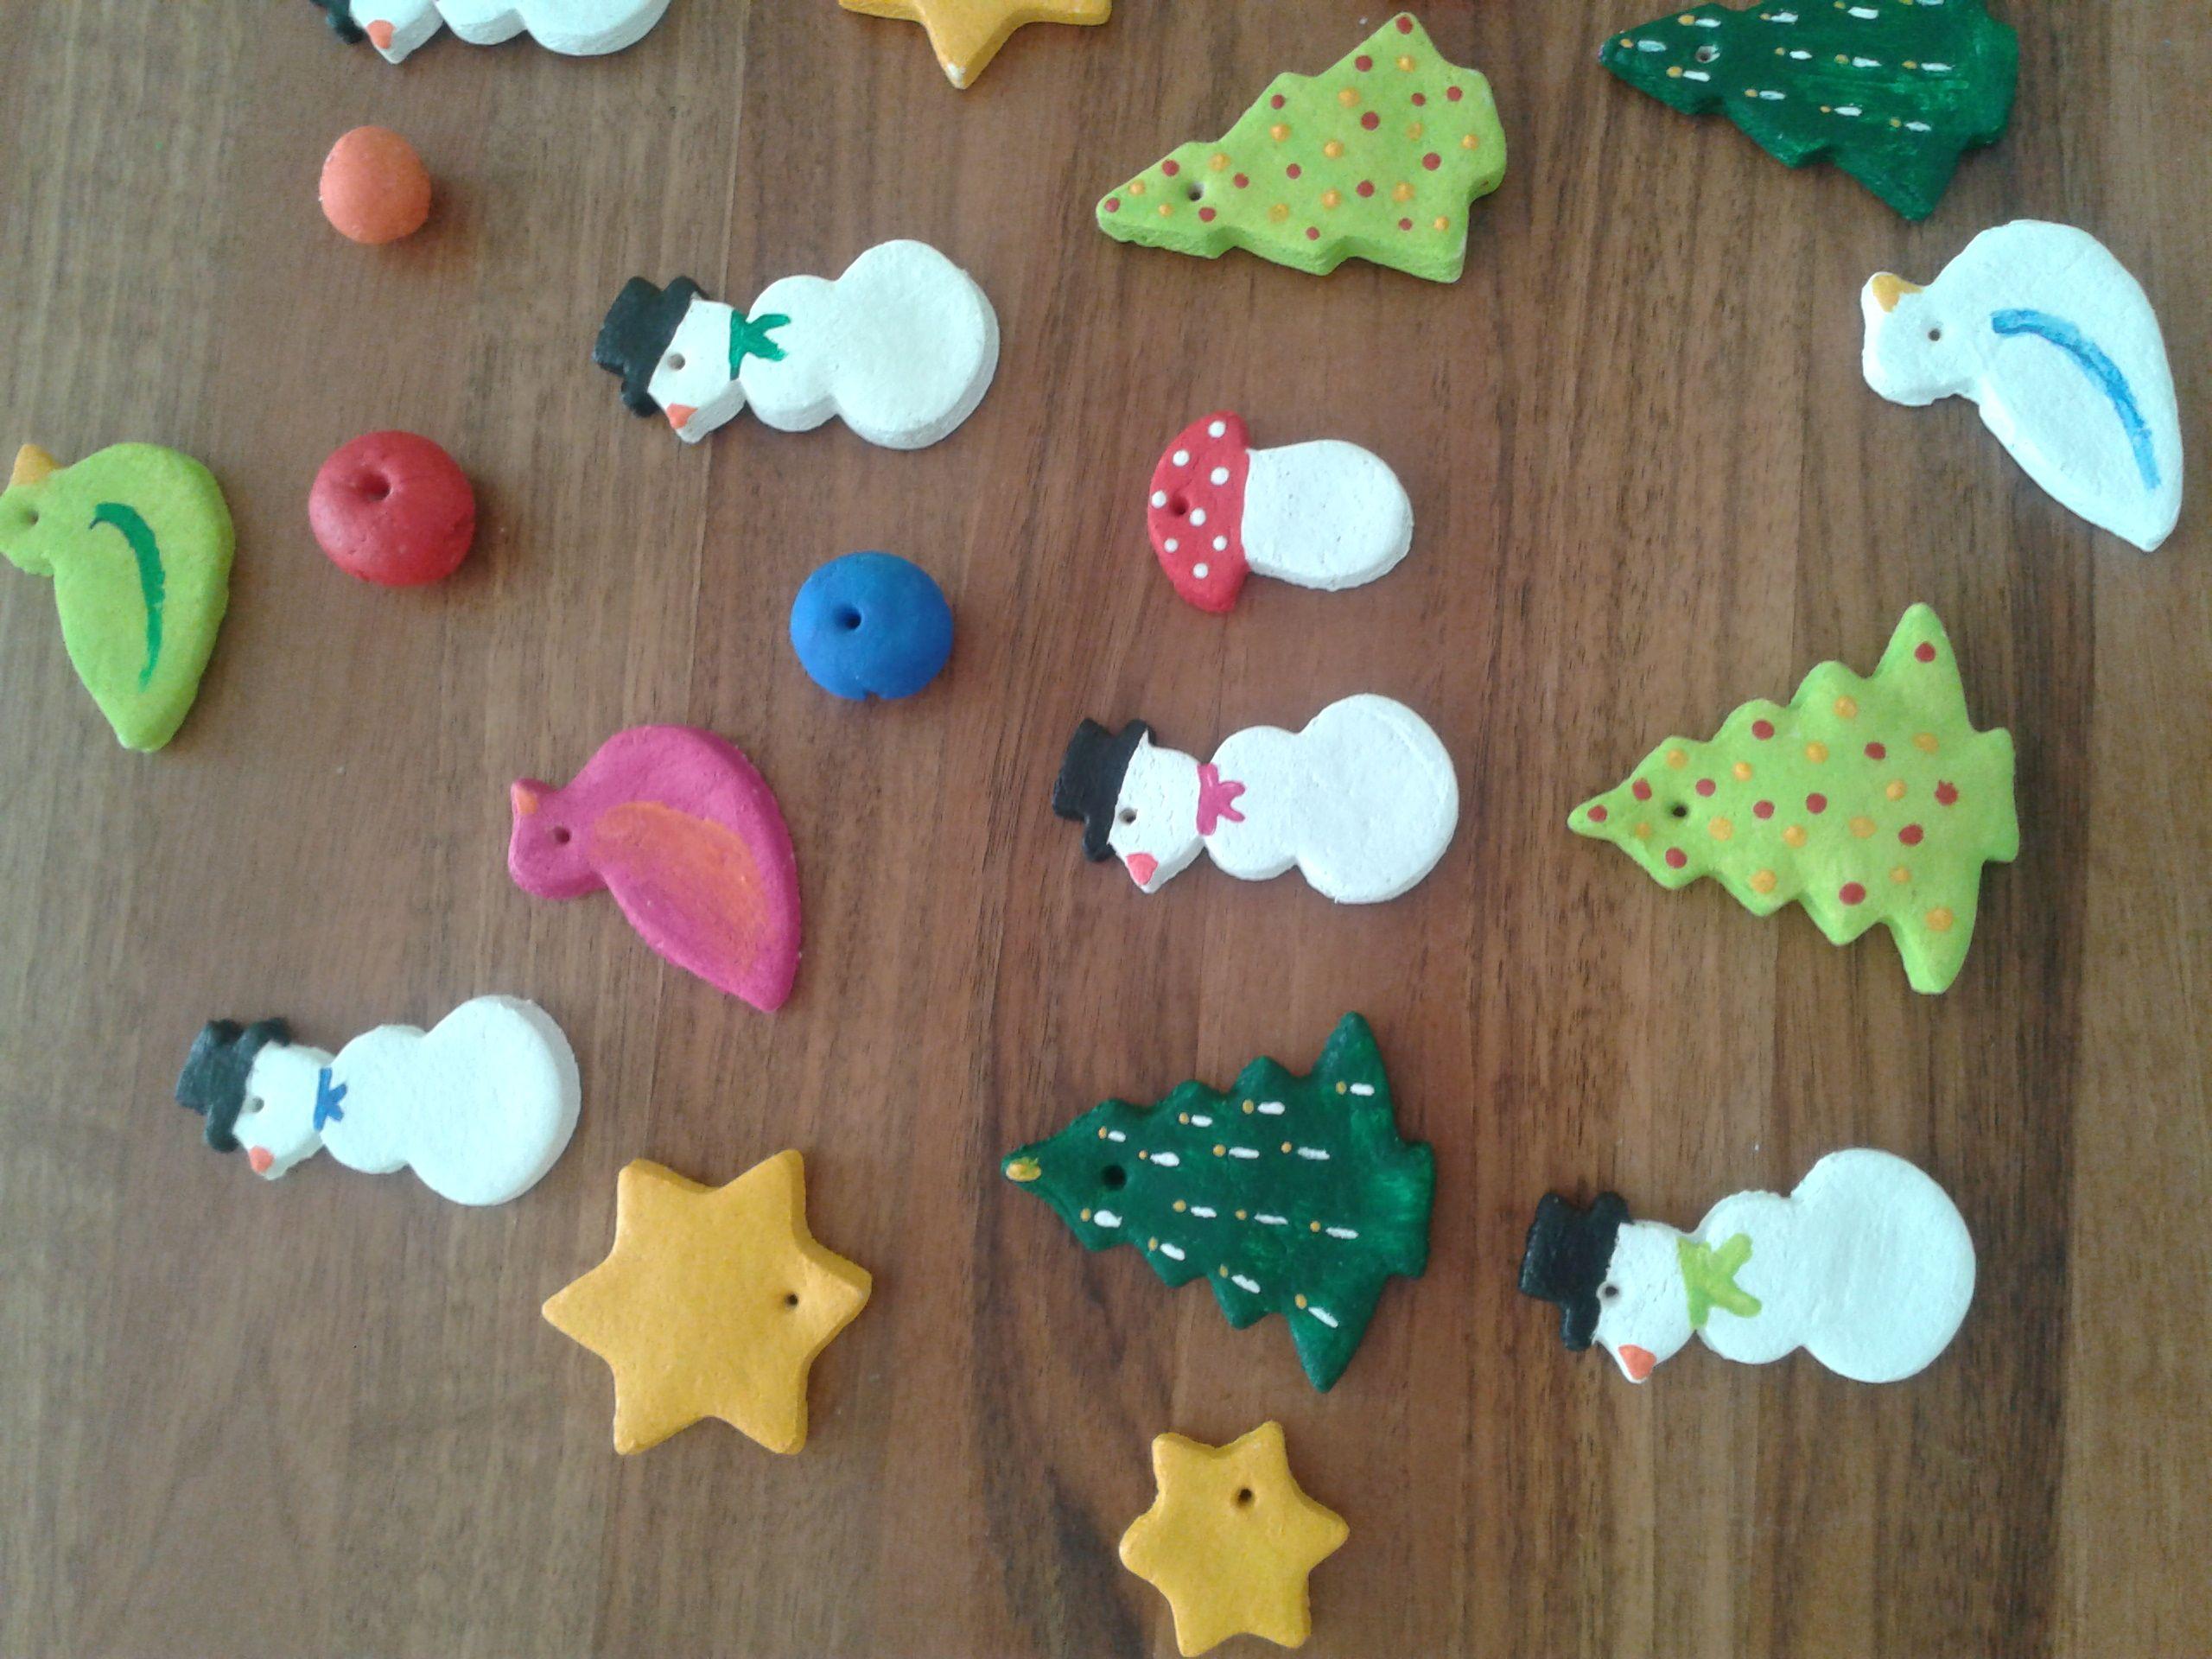 Weihnachtsbaumschmuck aus salzteig herbst basteln pinterest weihnachtsbaumschmuck - Weihnachtsdekoration basteln mit kindern ...